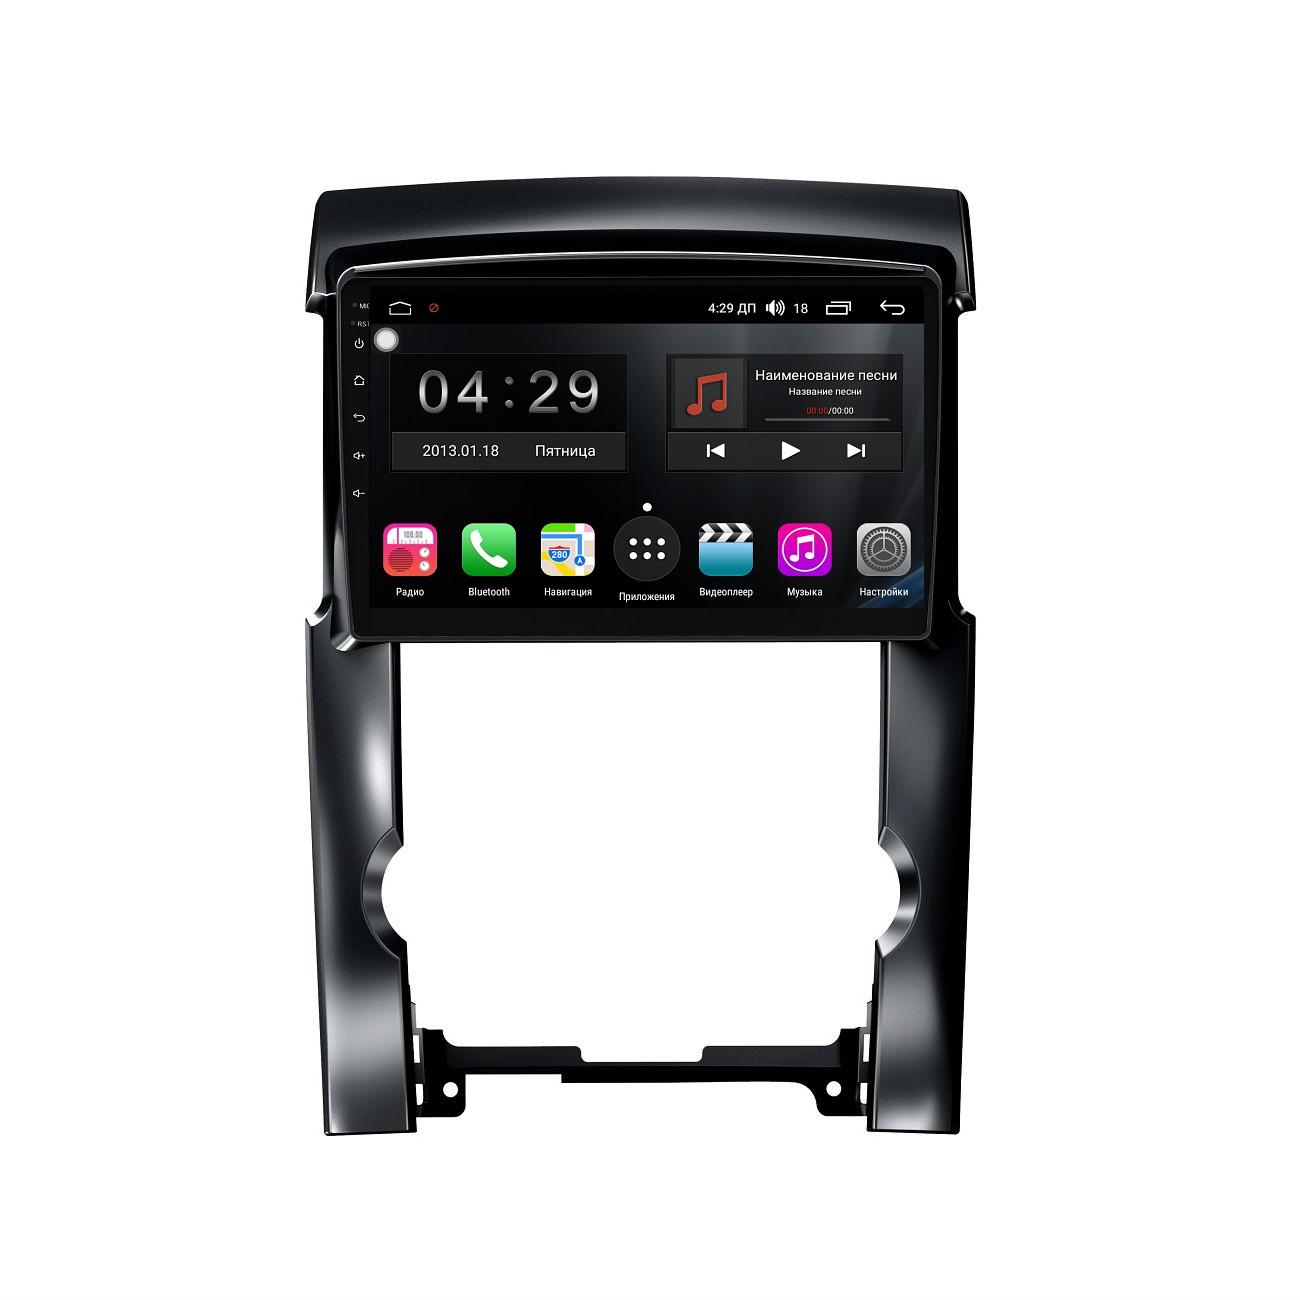 Штатная магнитола FarCar s300-SIM 4G для Kia Sorento II 2010-2012 на Android (RG041R) (+ Камера заднего вида в подарок!)